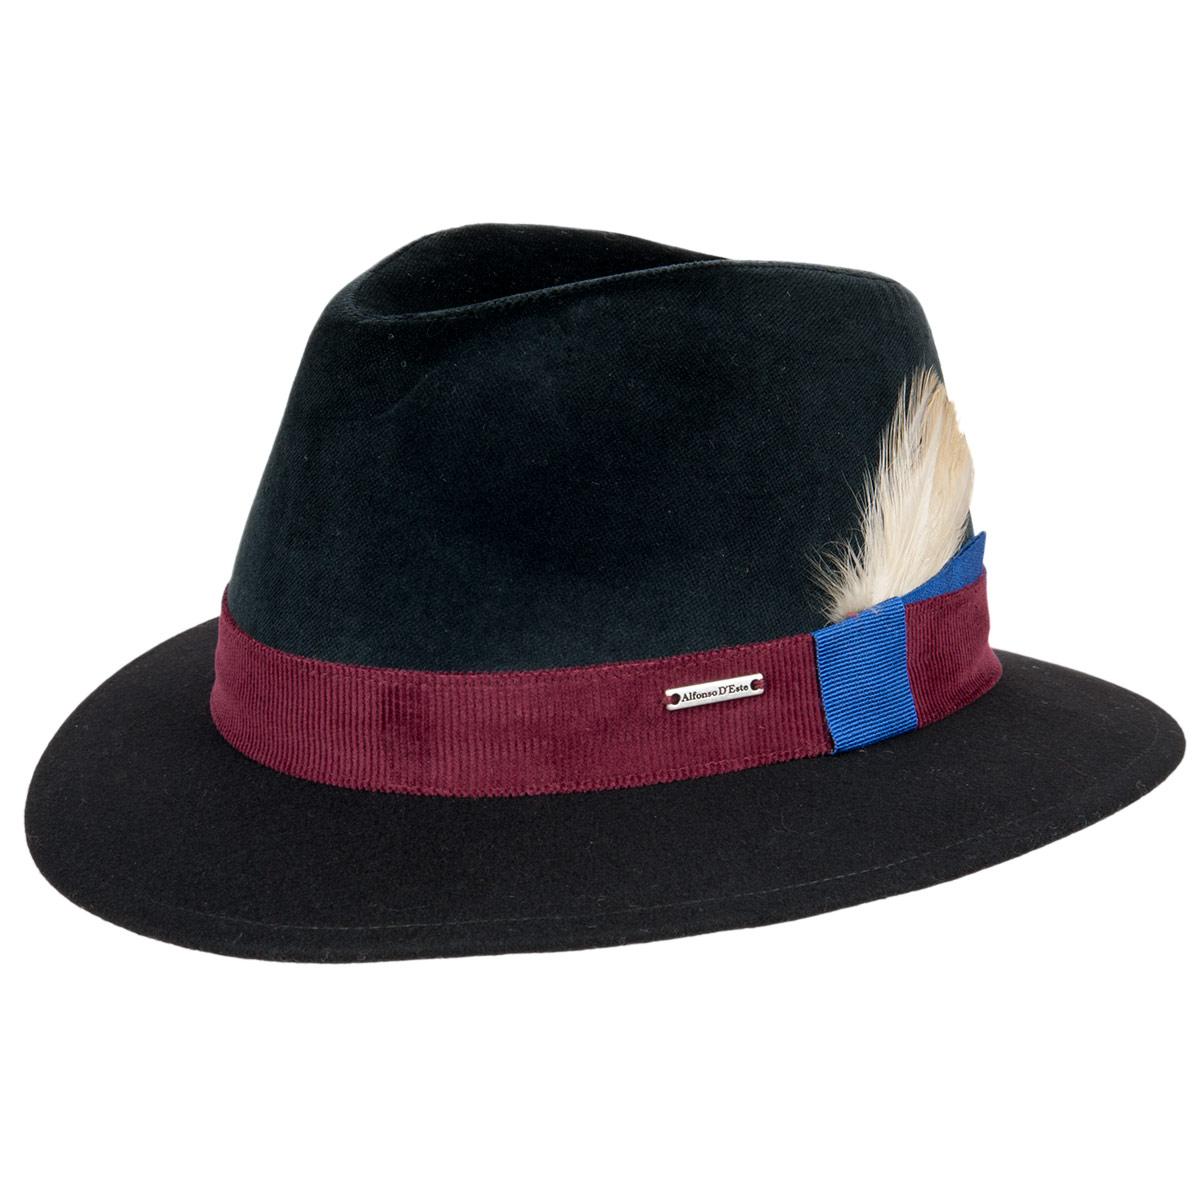 cappello fedora con tesa picccola firmato ALFONSO D ESTE 18468d6ddc34